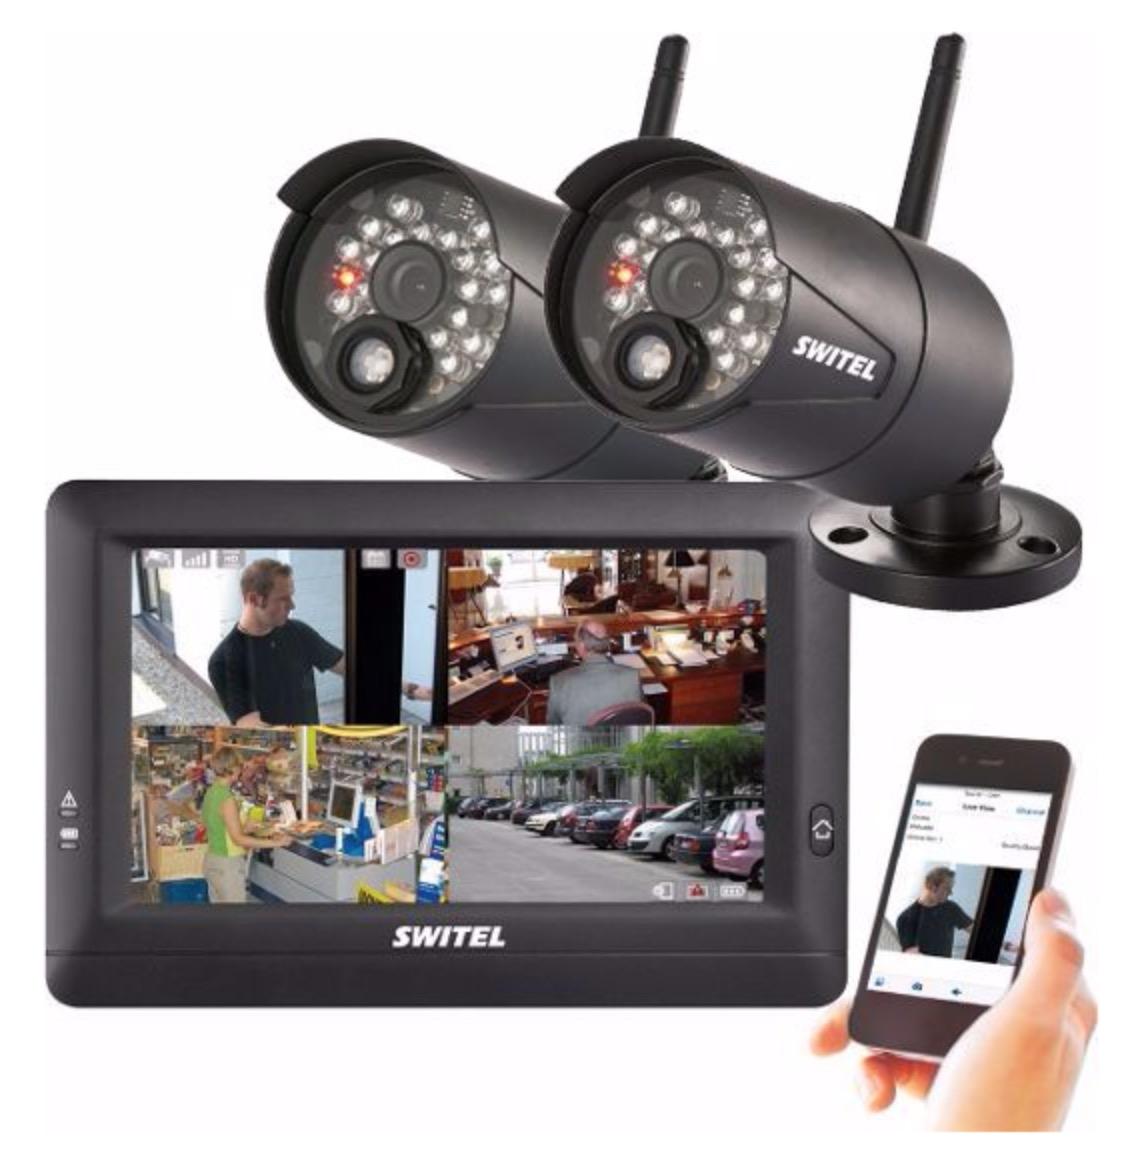 Pricedrop! Switel HSIP 5000 Drahtloses Digital-HD-Überwachungssystem mit 2 Kameras für nur 248,35 Euro